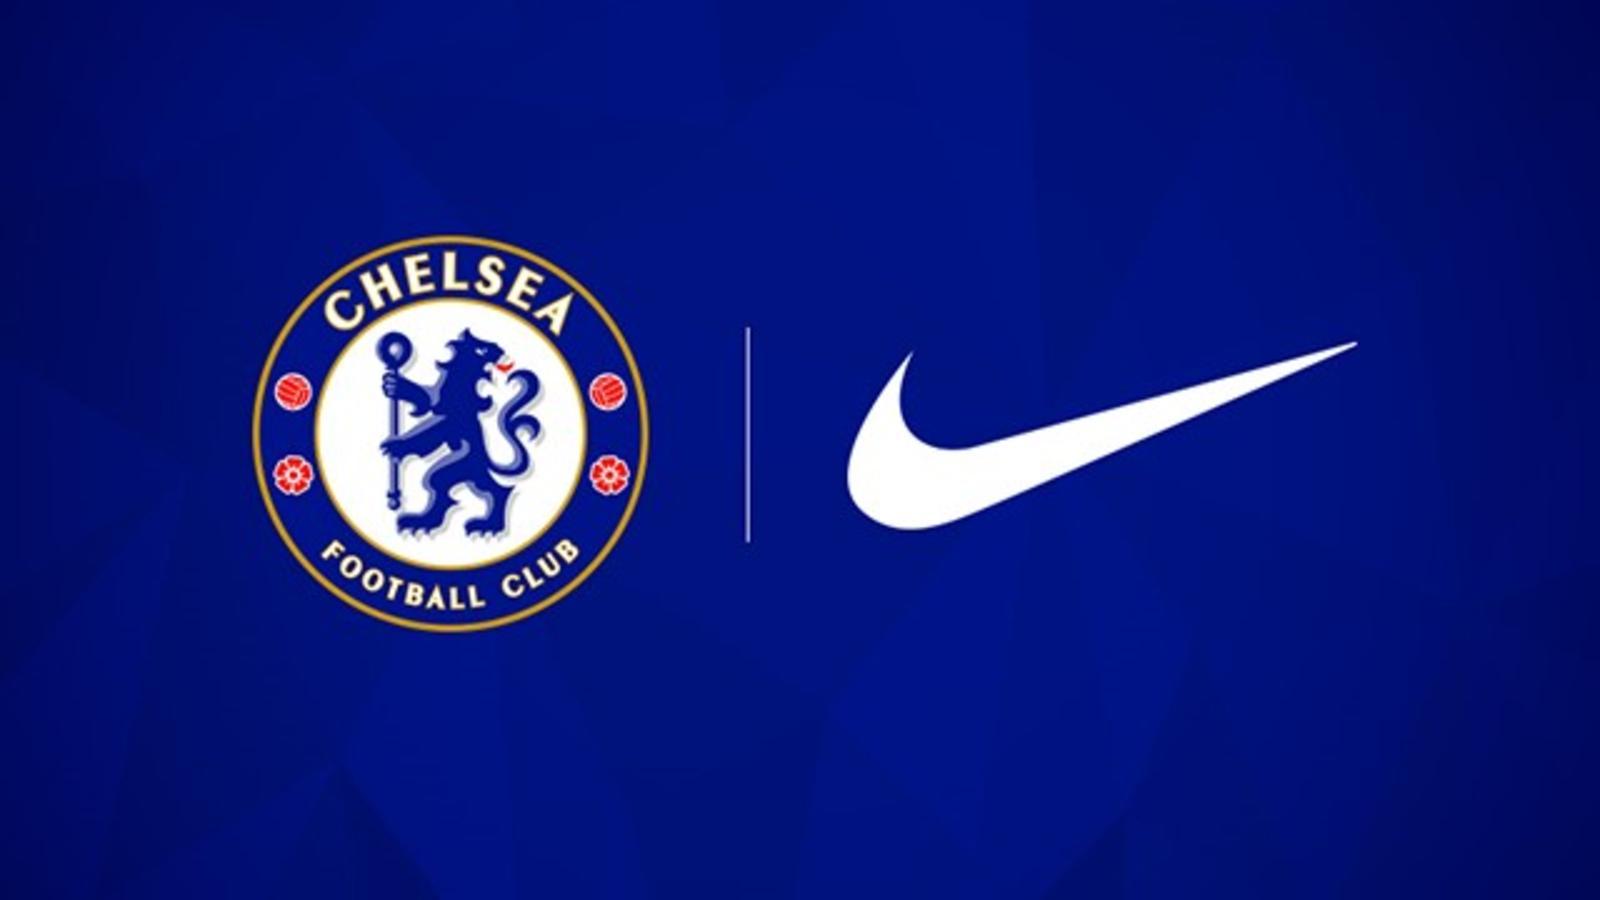 nike-football-chelsea-fc-sponsorship-deal